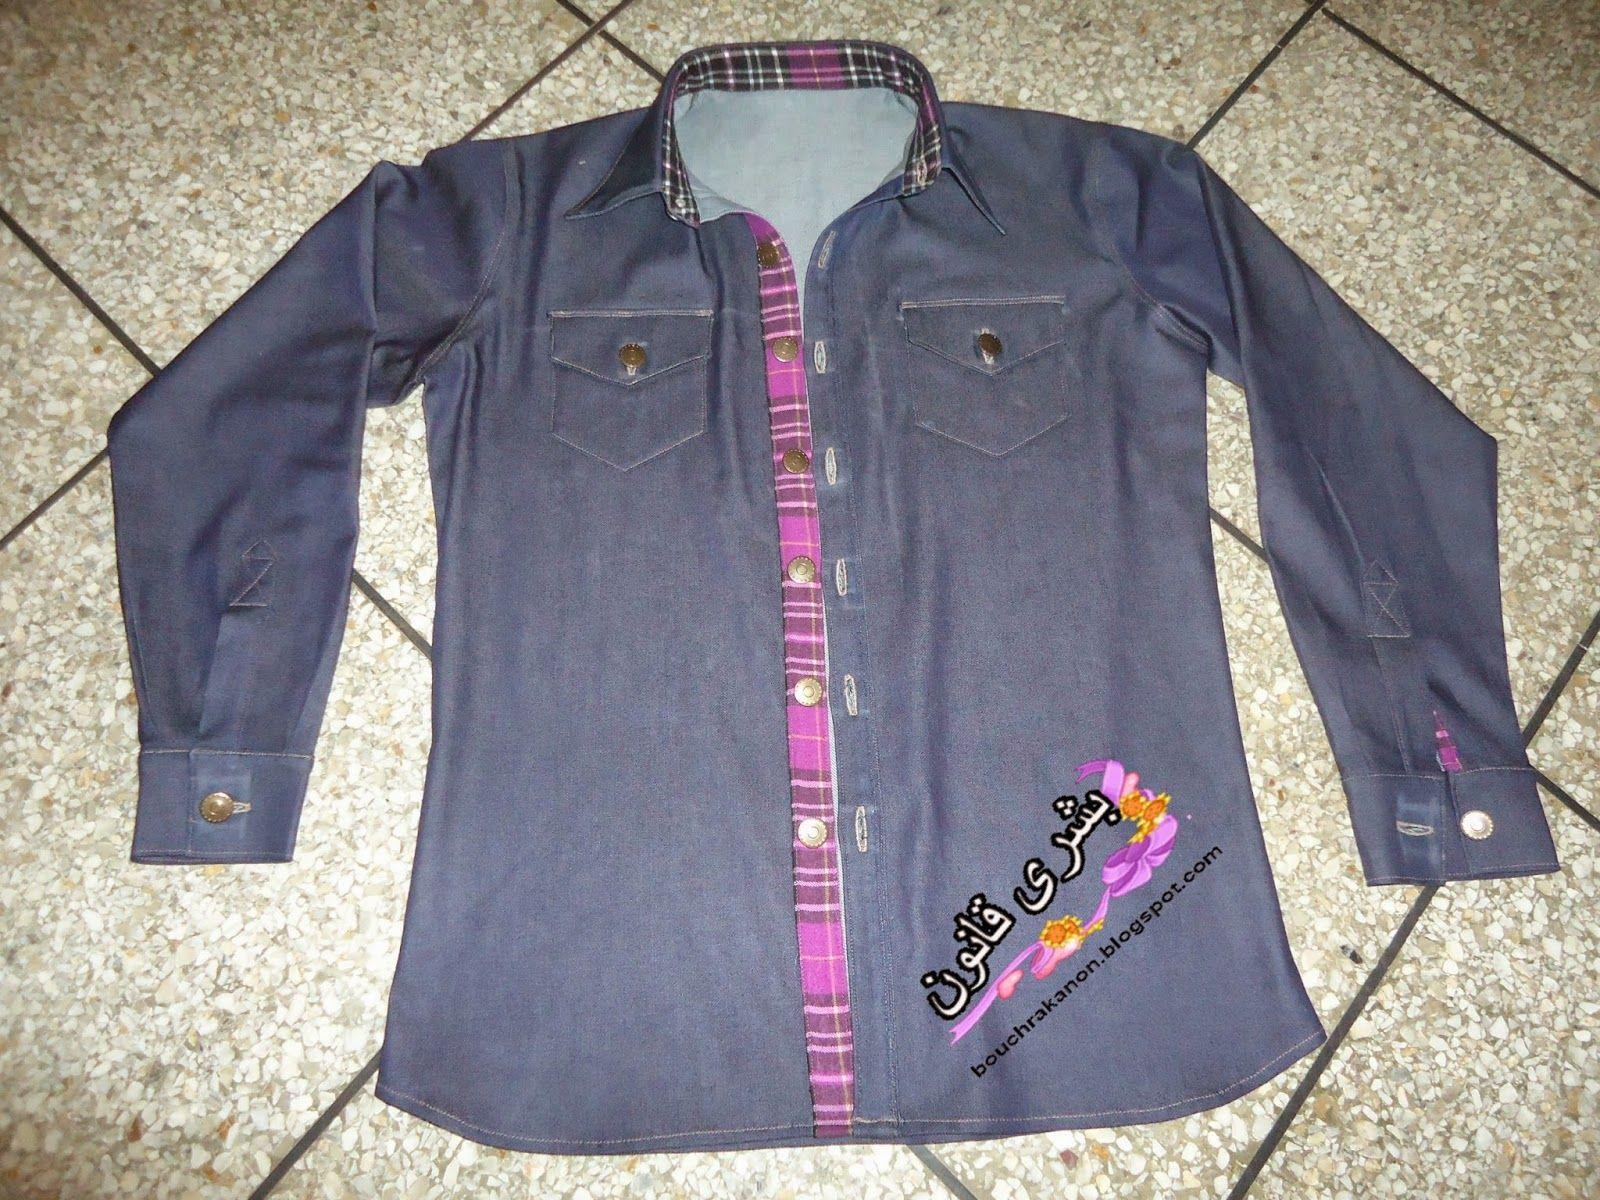 بشرى قانون للتفصيل و الخياطة القميص الرجالي بشكل أجمل من تصاميم بشرى قانون Blog Posts Blog